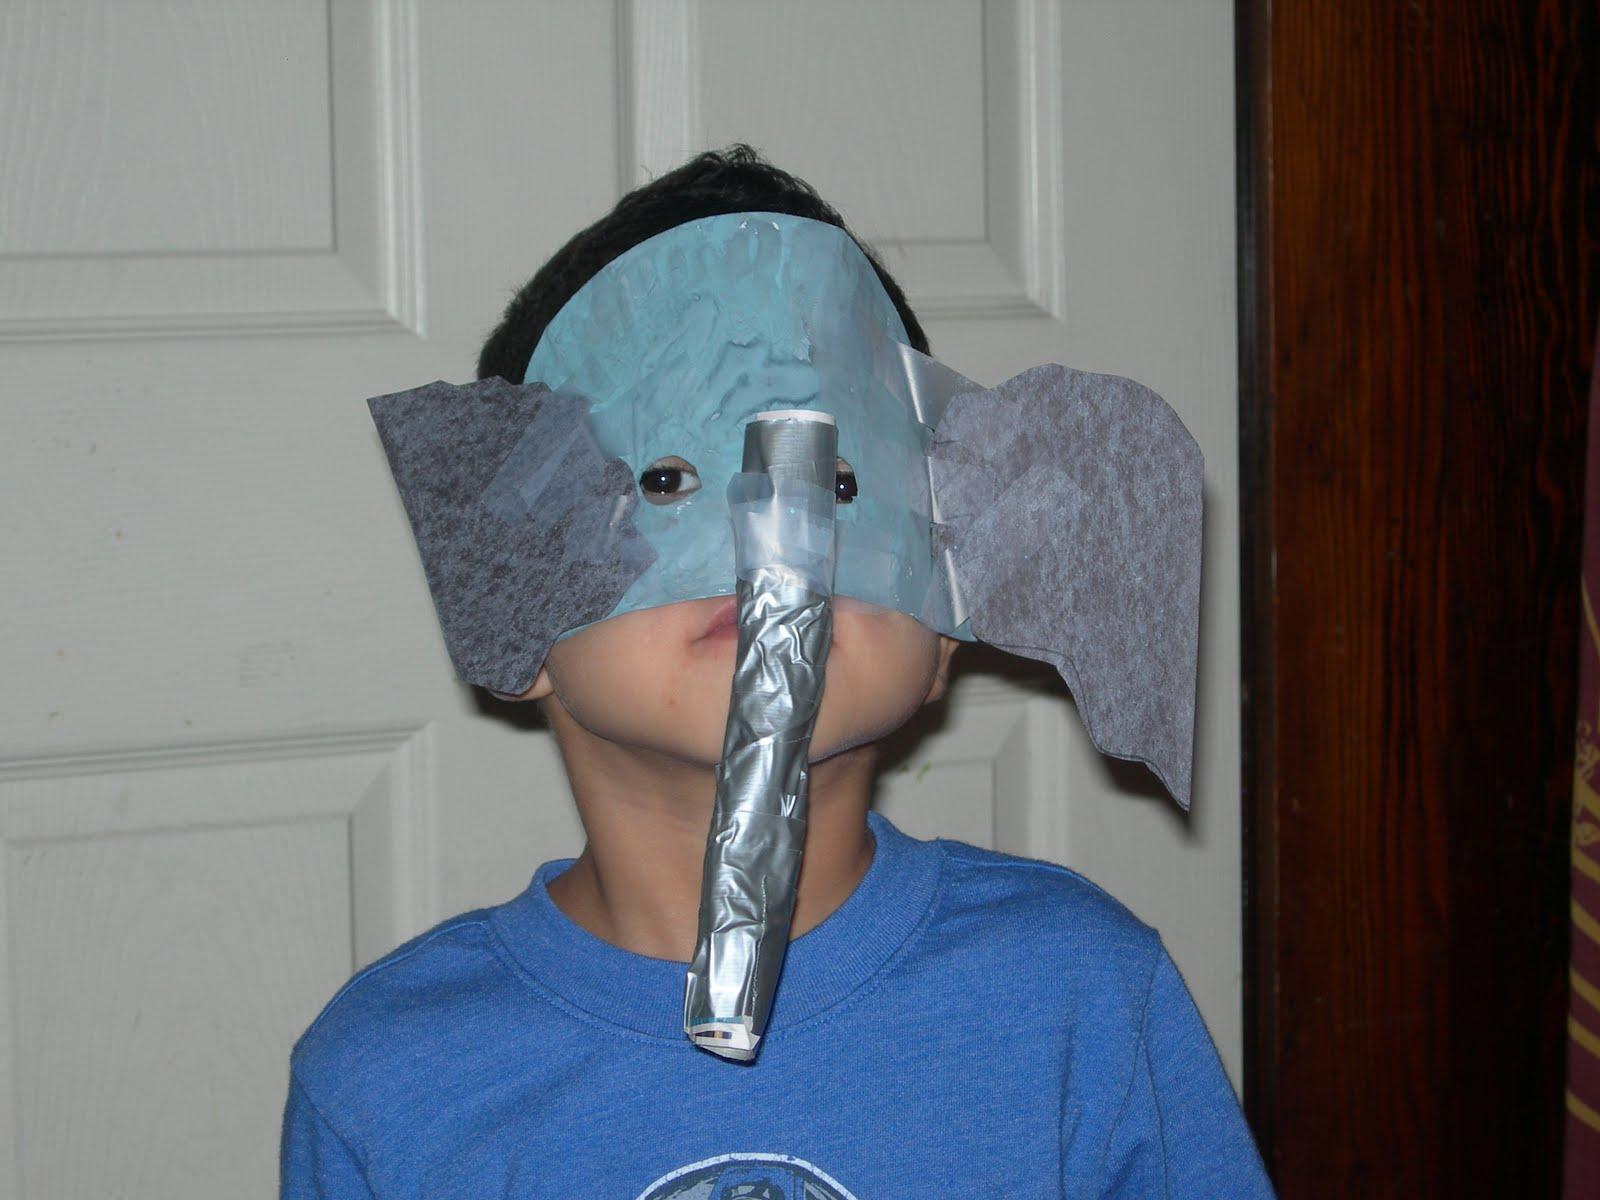 http://1.bp.blogspot.com/_RgGKcToY3sQ/S-ojXYqH5jI/AAAAAAAAAd0/3Zpz-pIe6ns/s1600/jair%2Band%2Belephant%2Bface%2Bmask.JPG